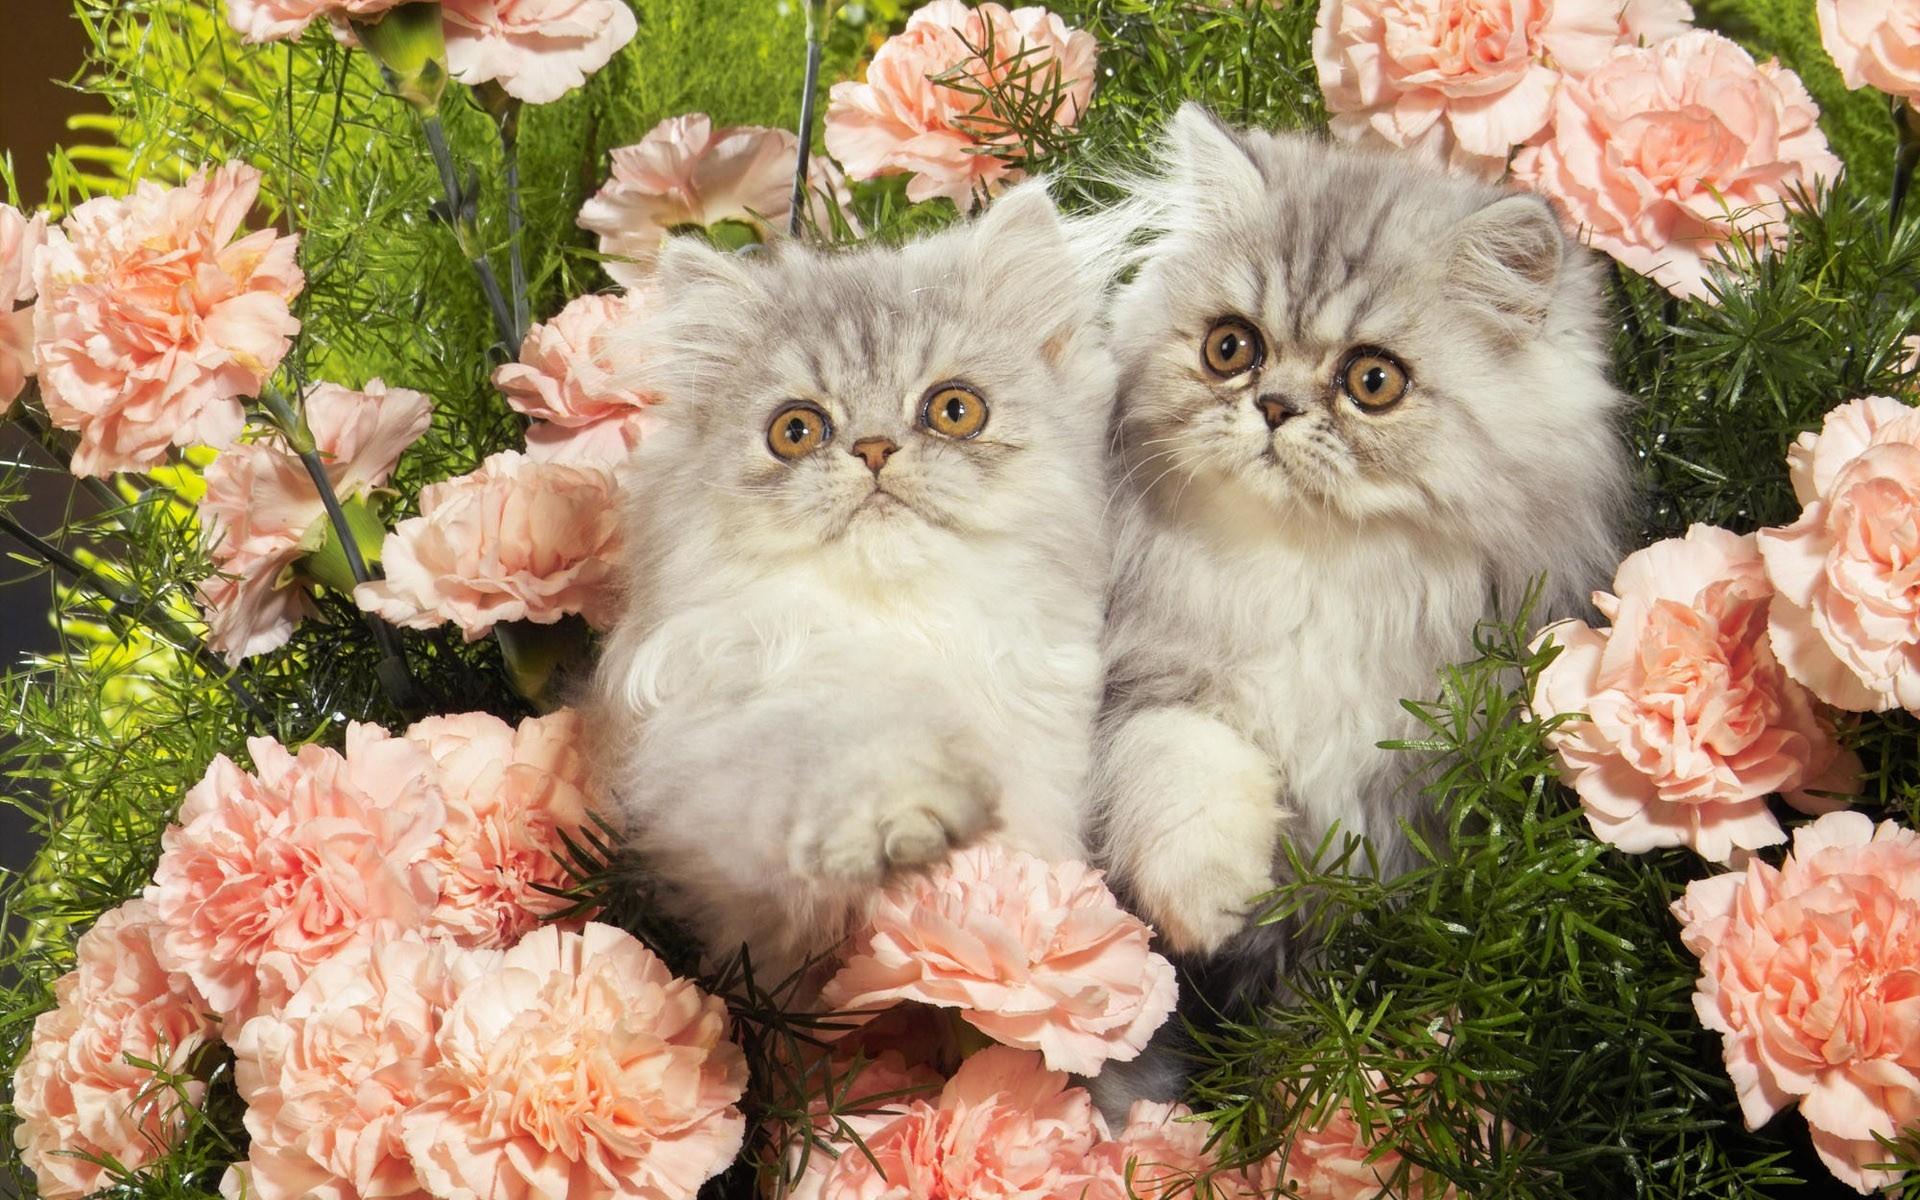 обид забывают фотообои коты с цветами заметили